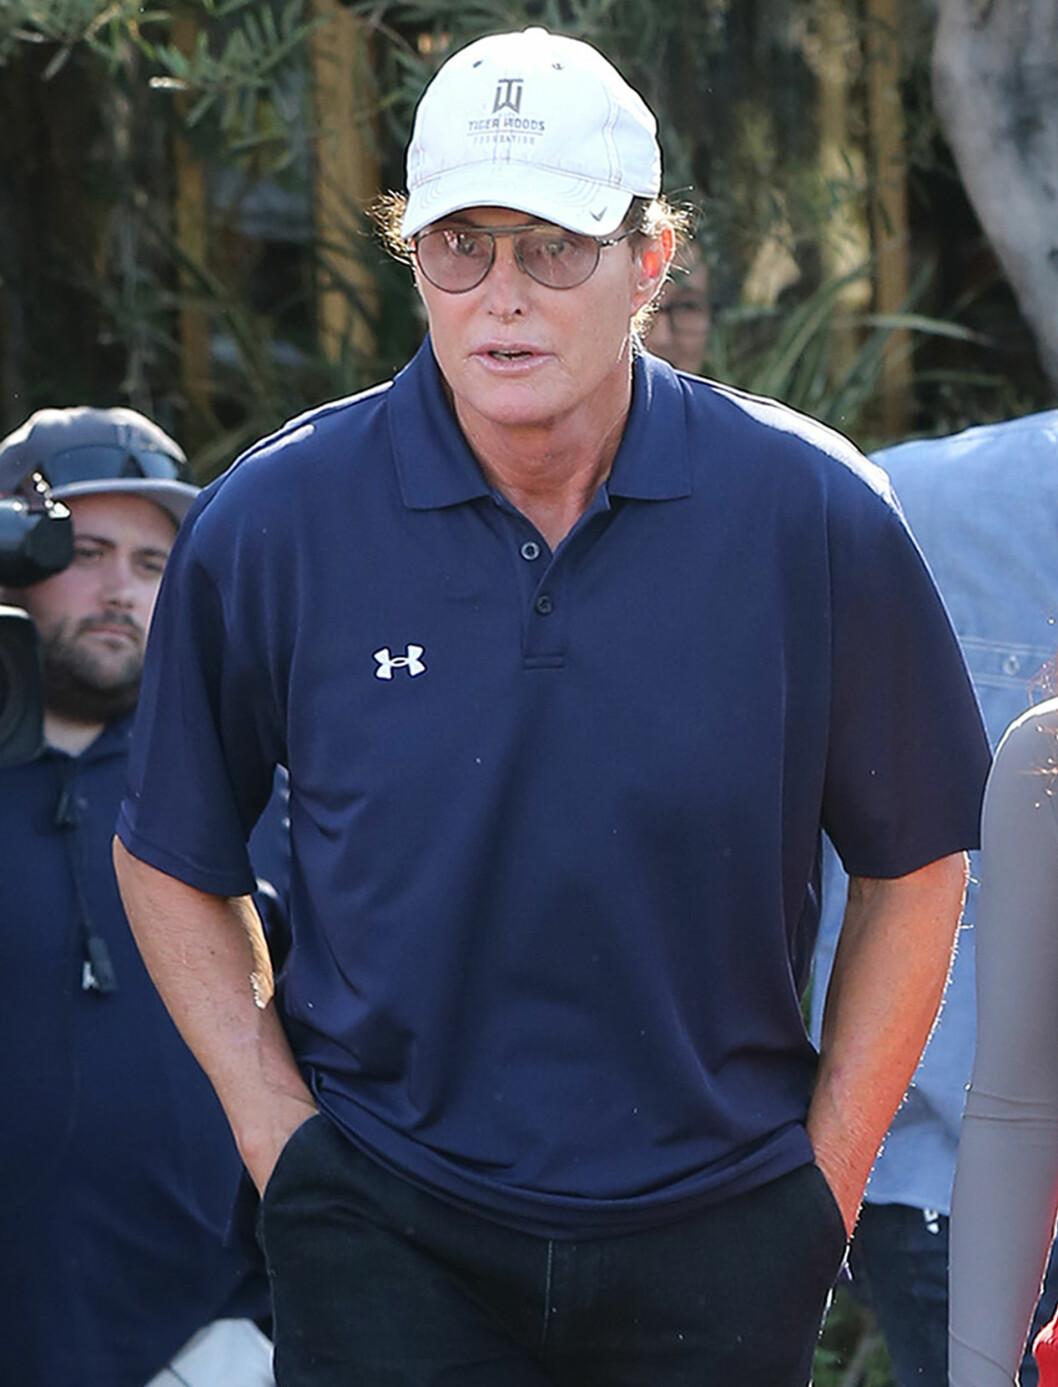 CAPS: Da paparazziene var på sitt verste, så vi nesten aldri Jenner uten caps. Foto: Broadimage